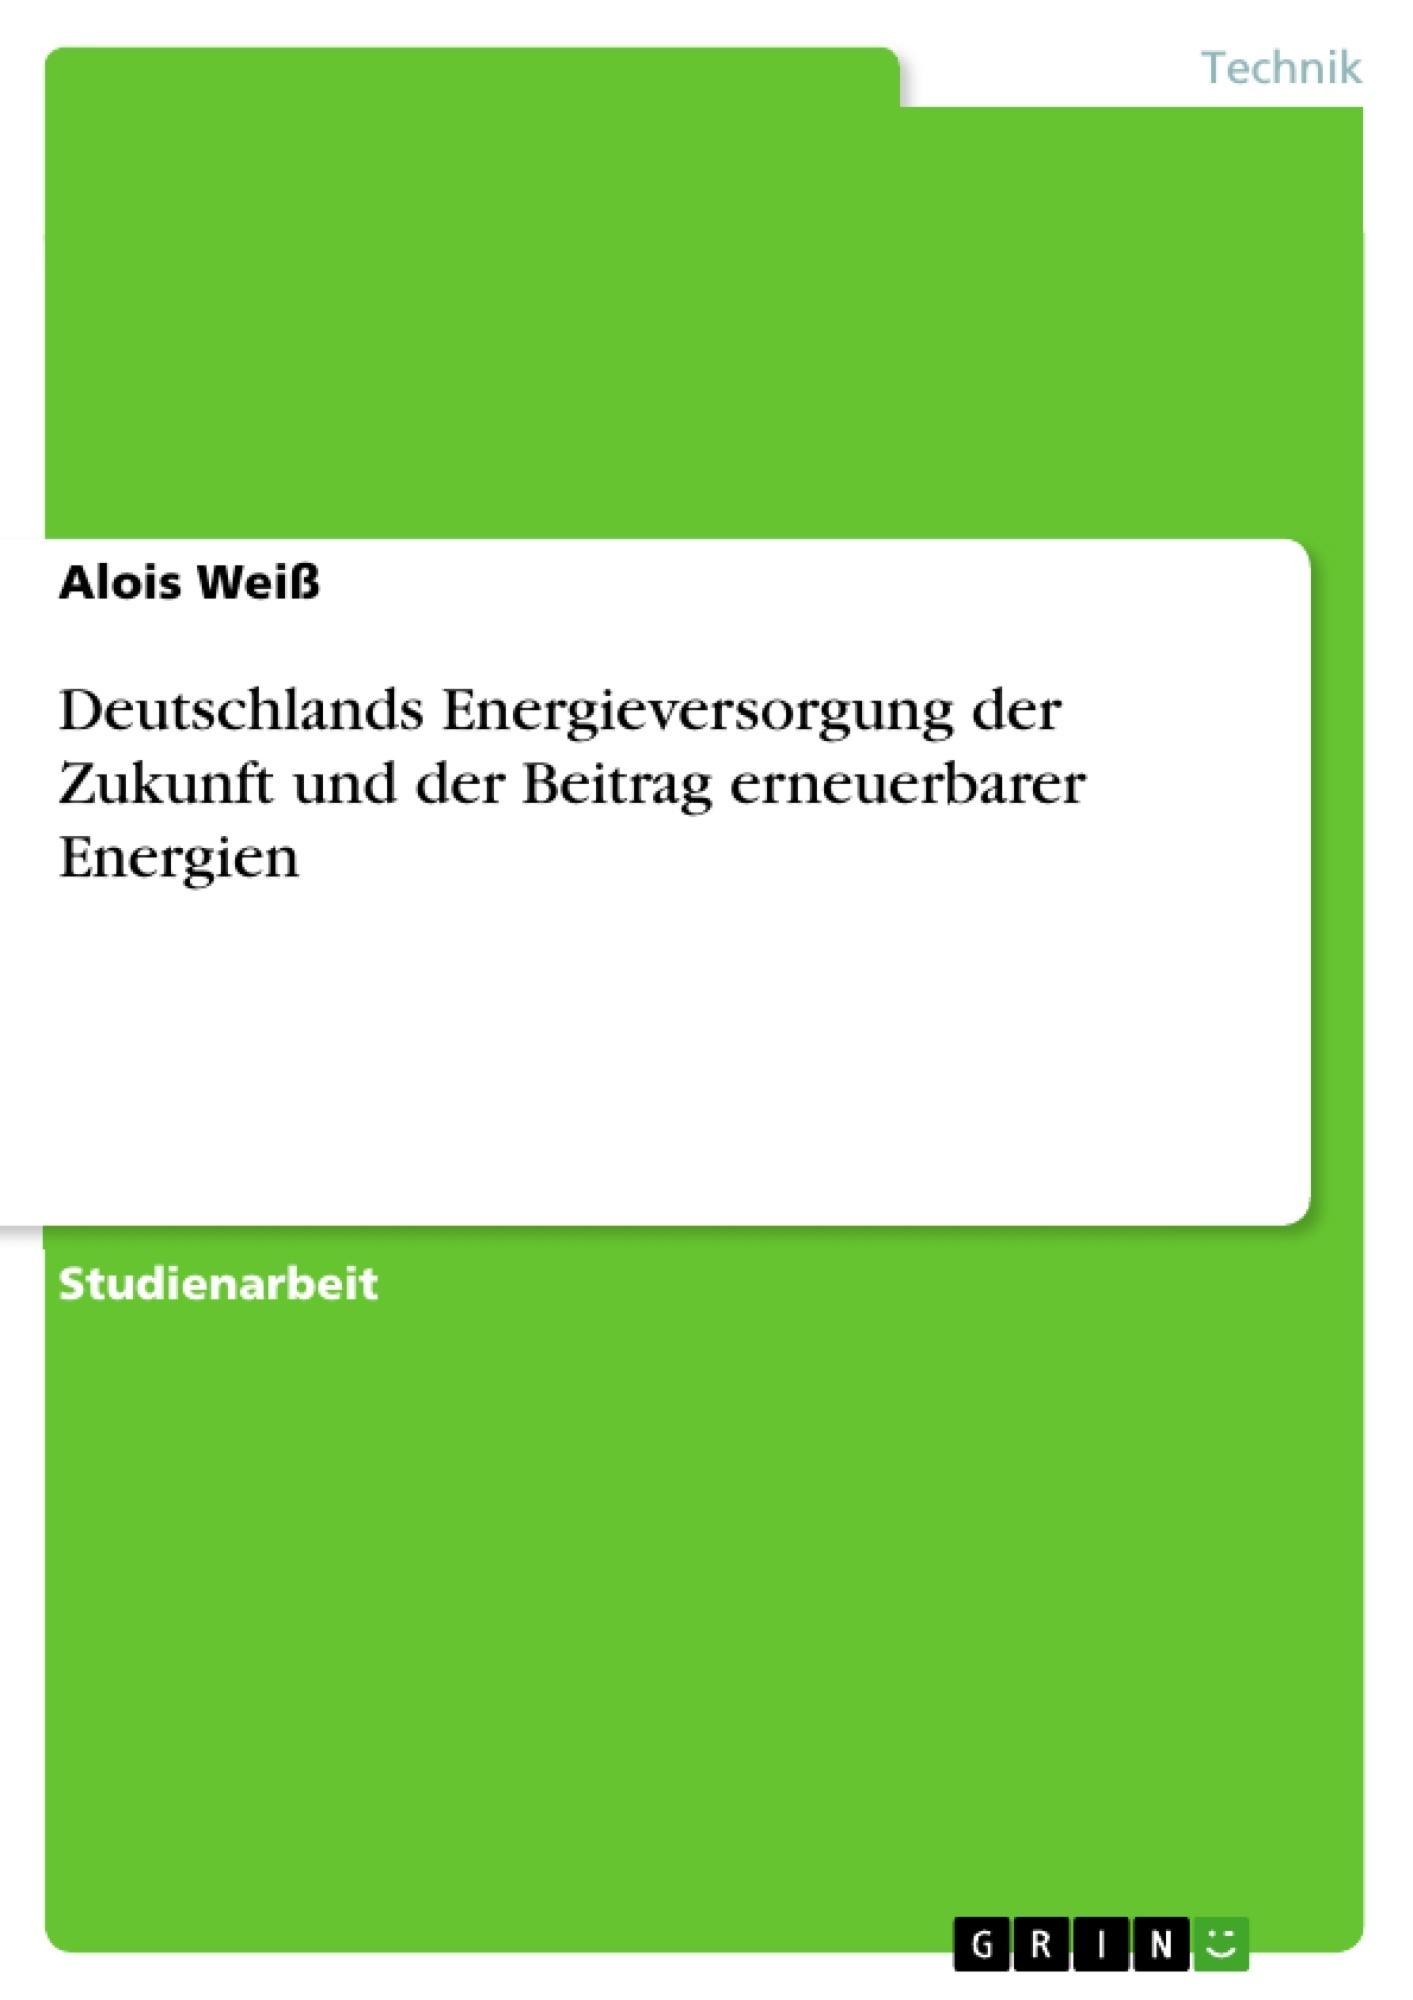 Titel: Deutschlands Energieversorgung der Zukunft und der Beitrag erneuerbarer Energien